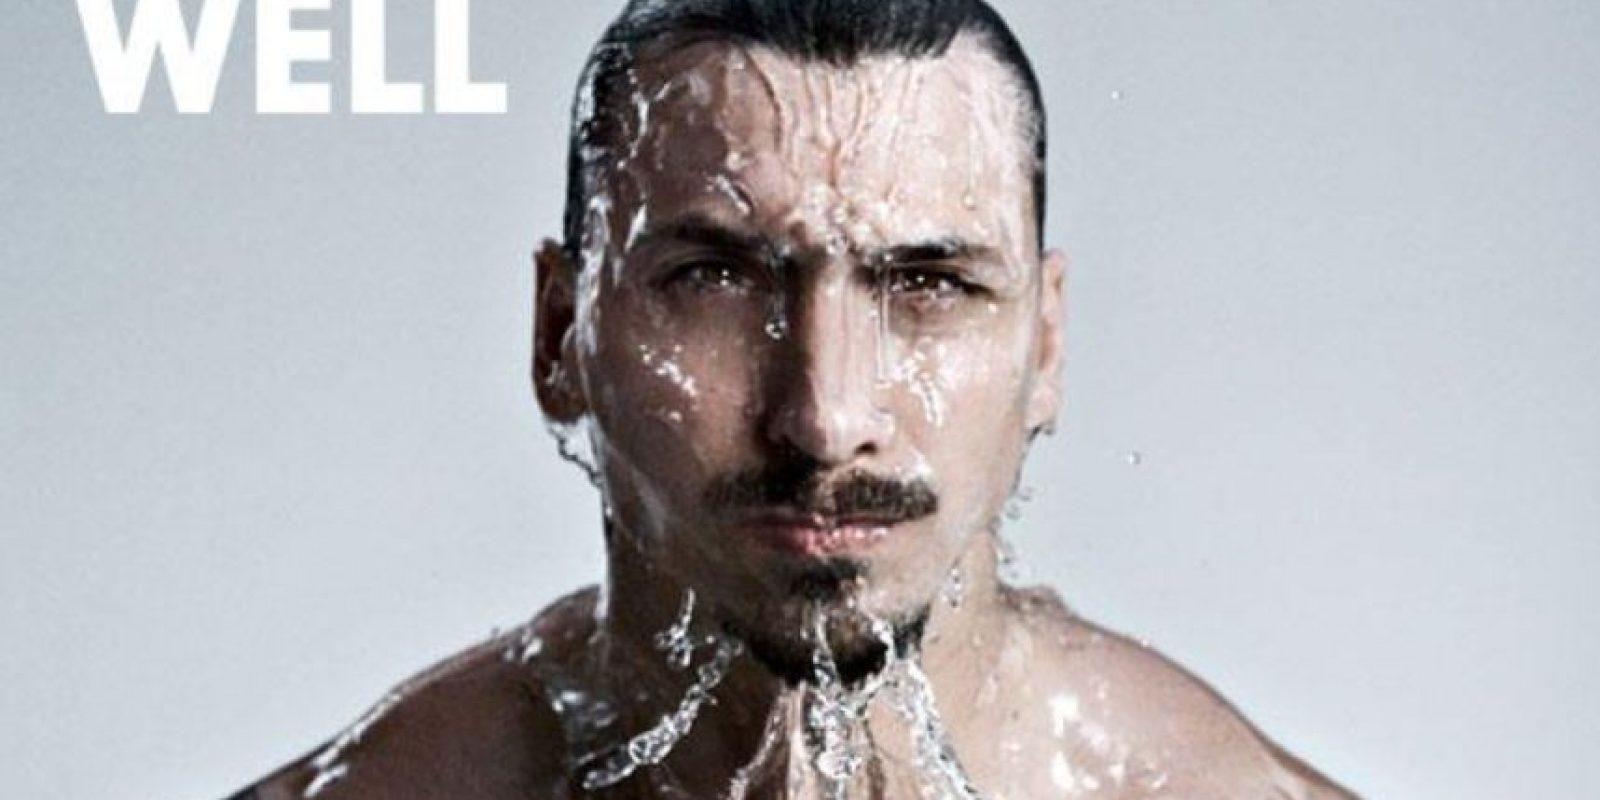 El sueco es el protagonista de un spot de la marca Vitamin Well Foto:Twitter: @Ibra_official